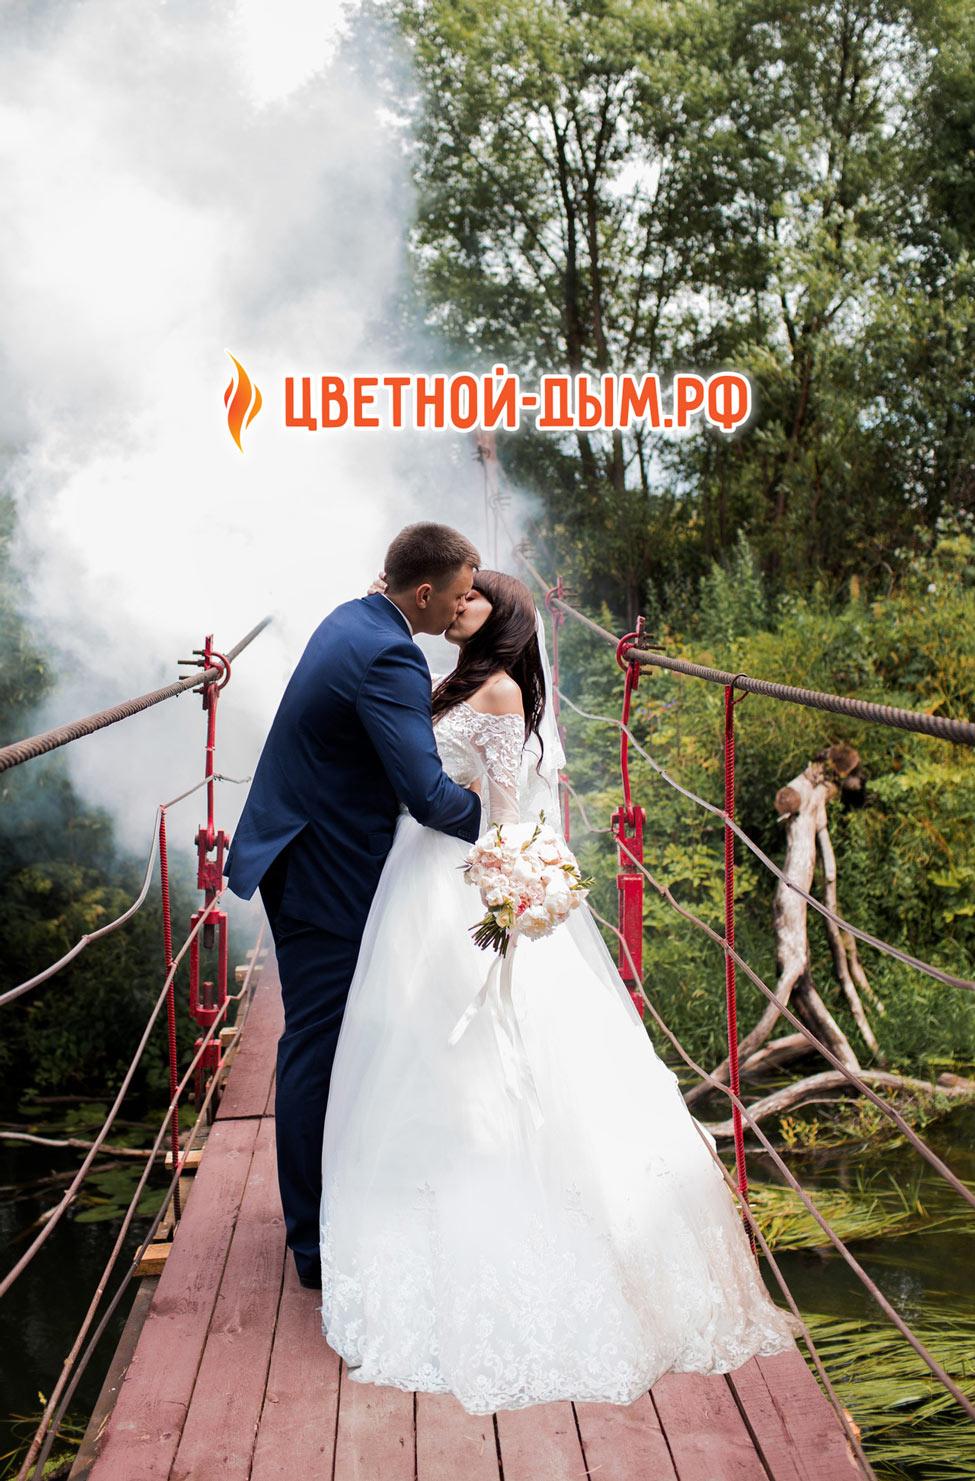 Свадебная фотосессия на мосту с белым дымом город Тула